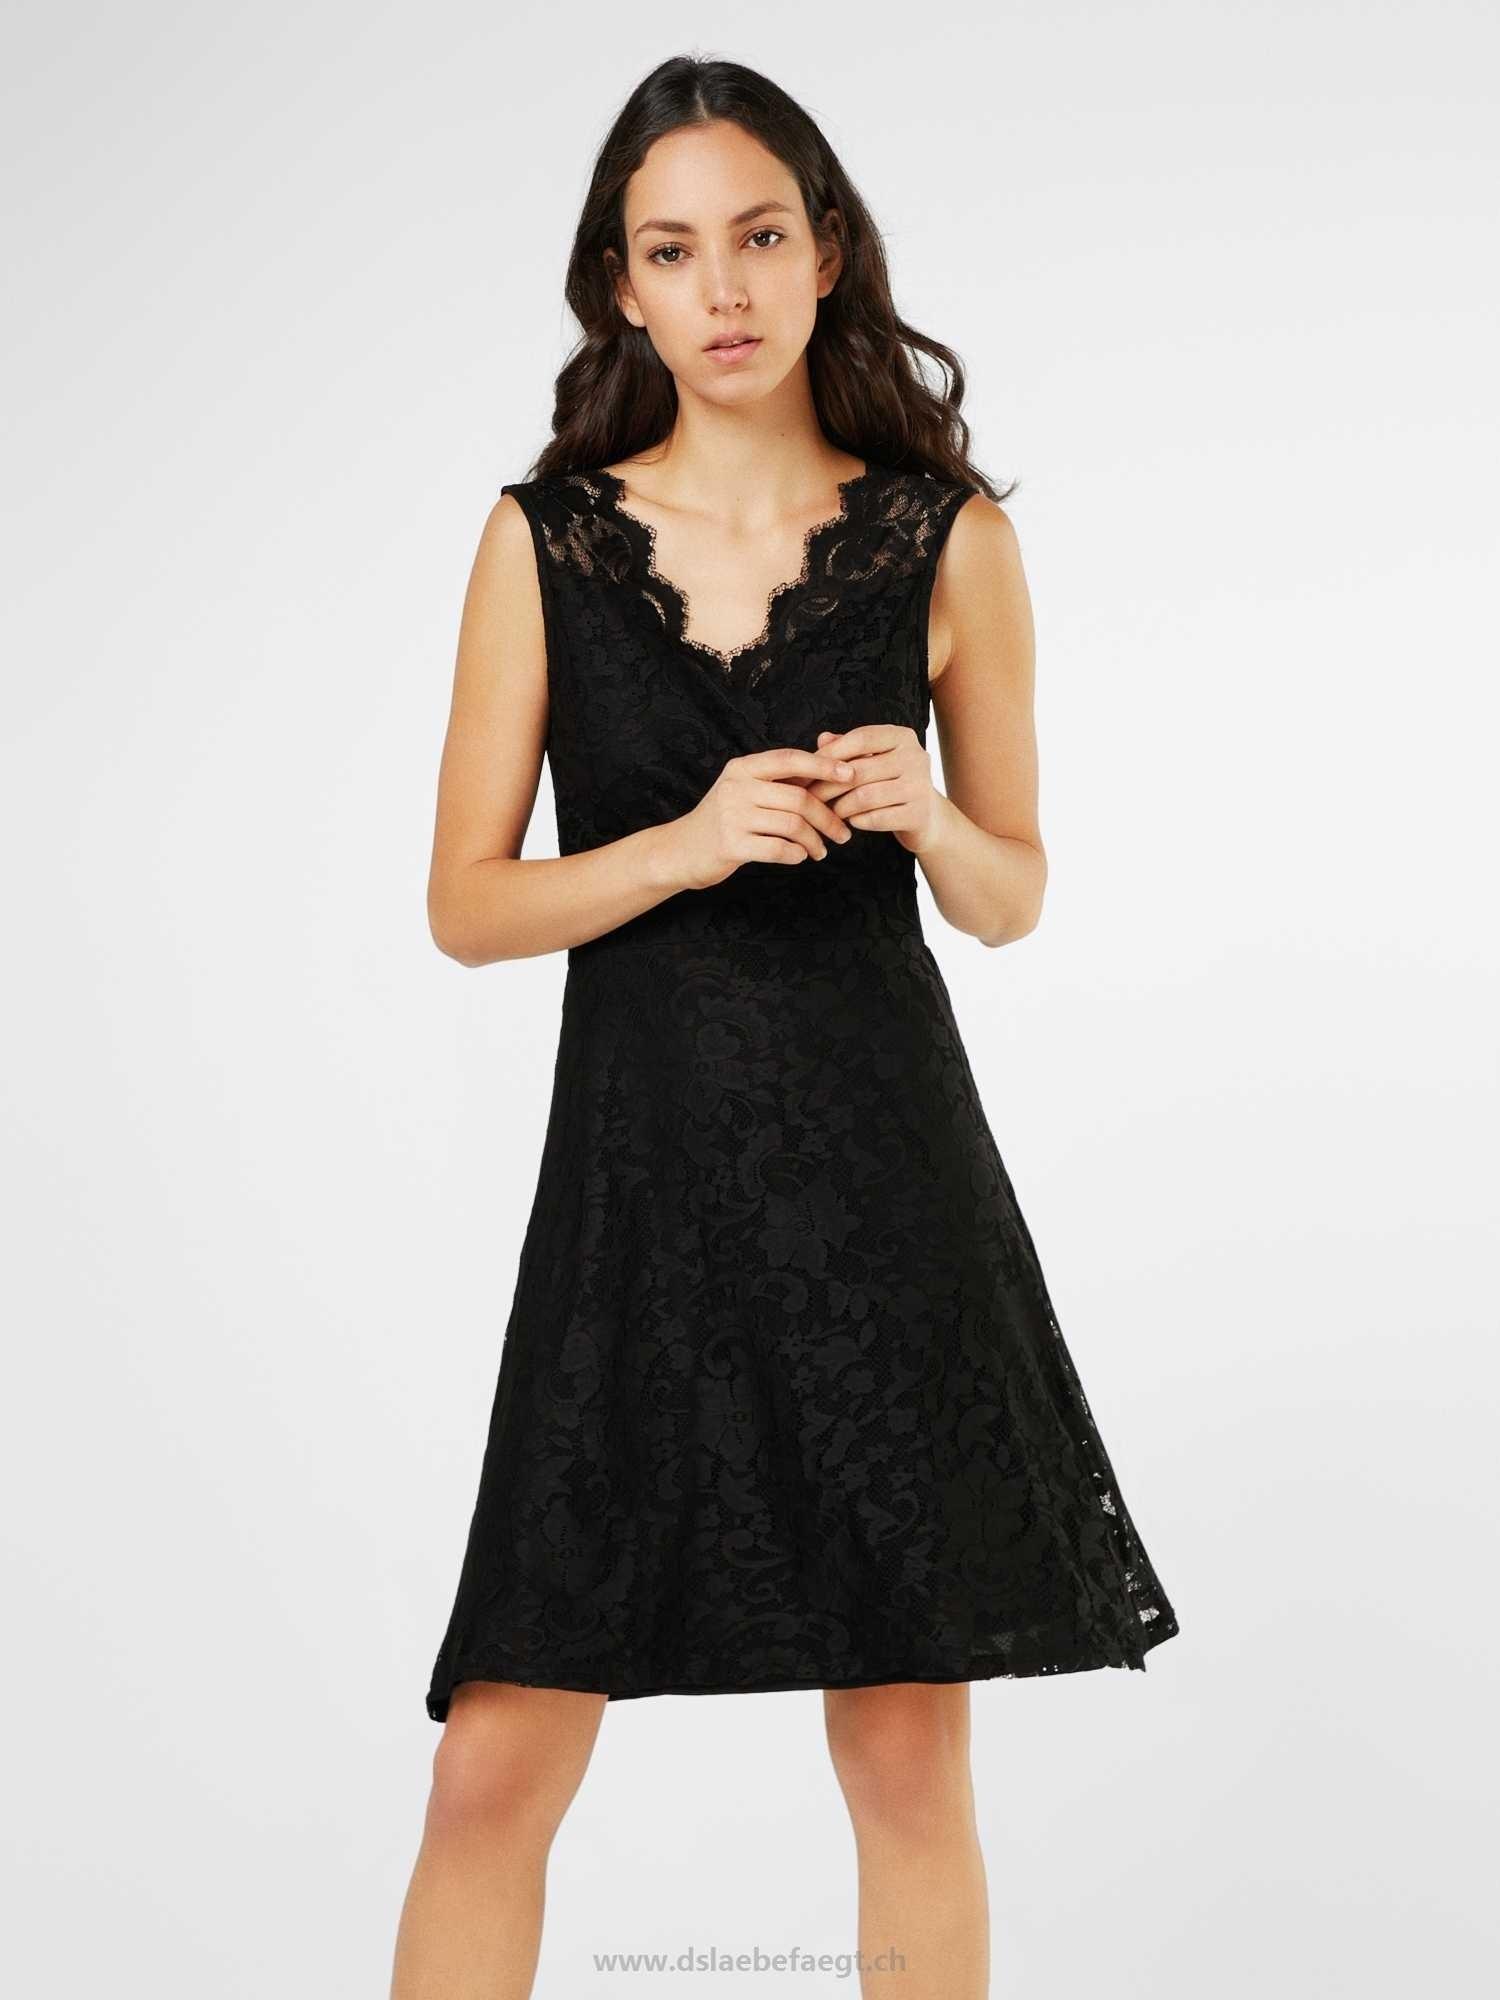 15 Luxus Kleider Größe 50 Damen Design Ausgezeichnet Kleider Größe 50 Damen Spezialgebiet